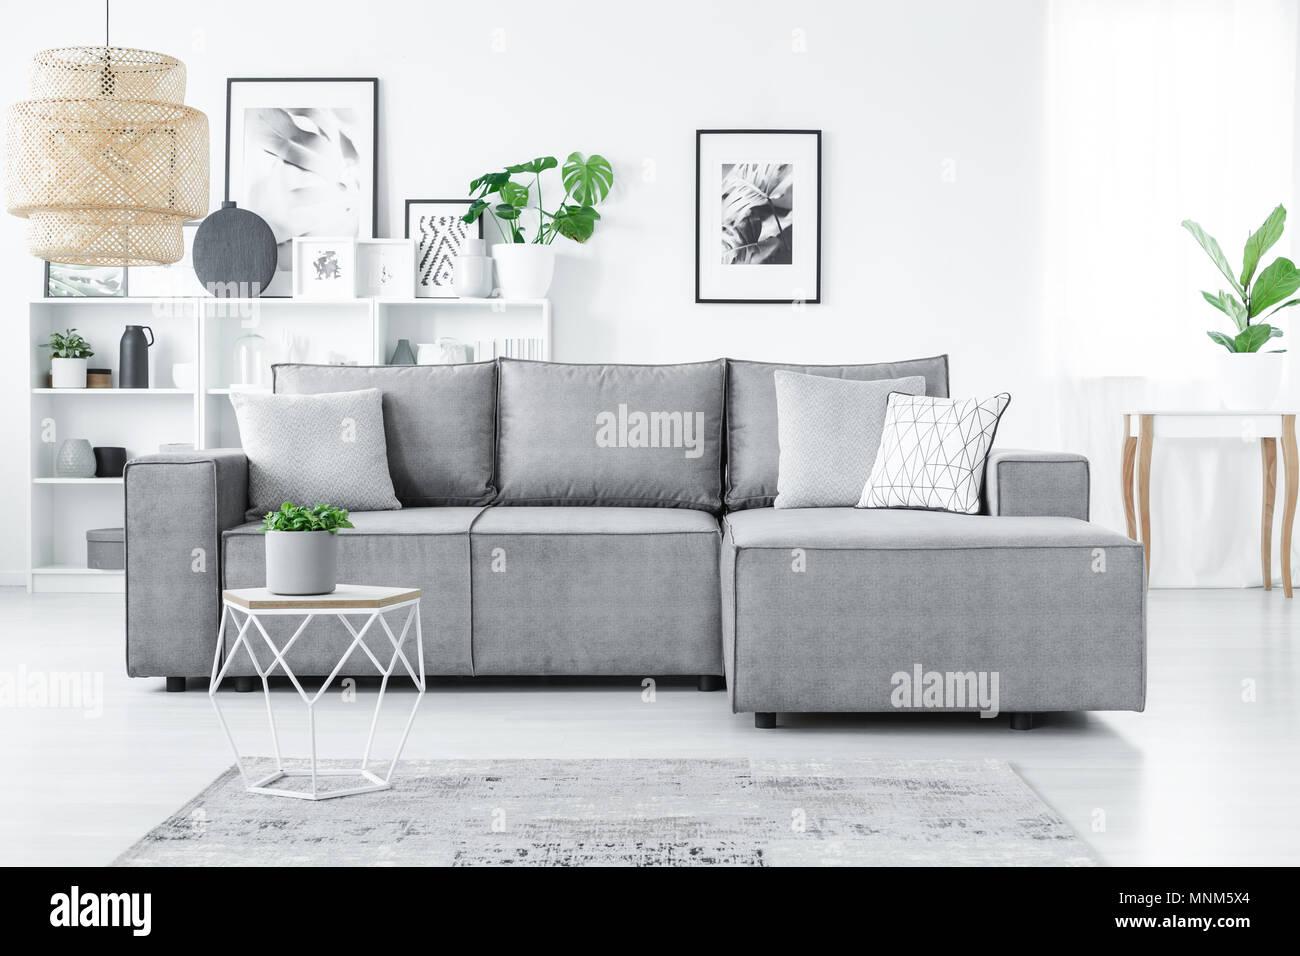 Divano Ad Angolo Grande : Grande divano ad angolo con cuscini scaffali bianchi e piante in